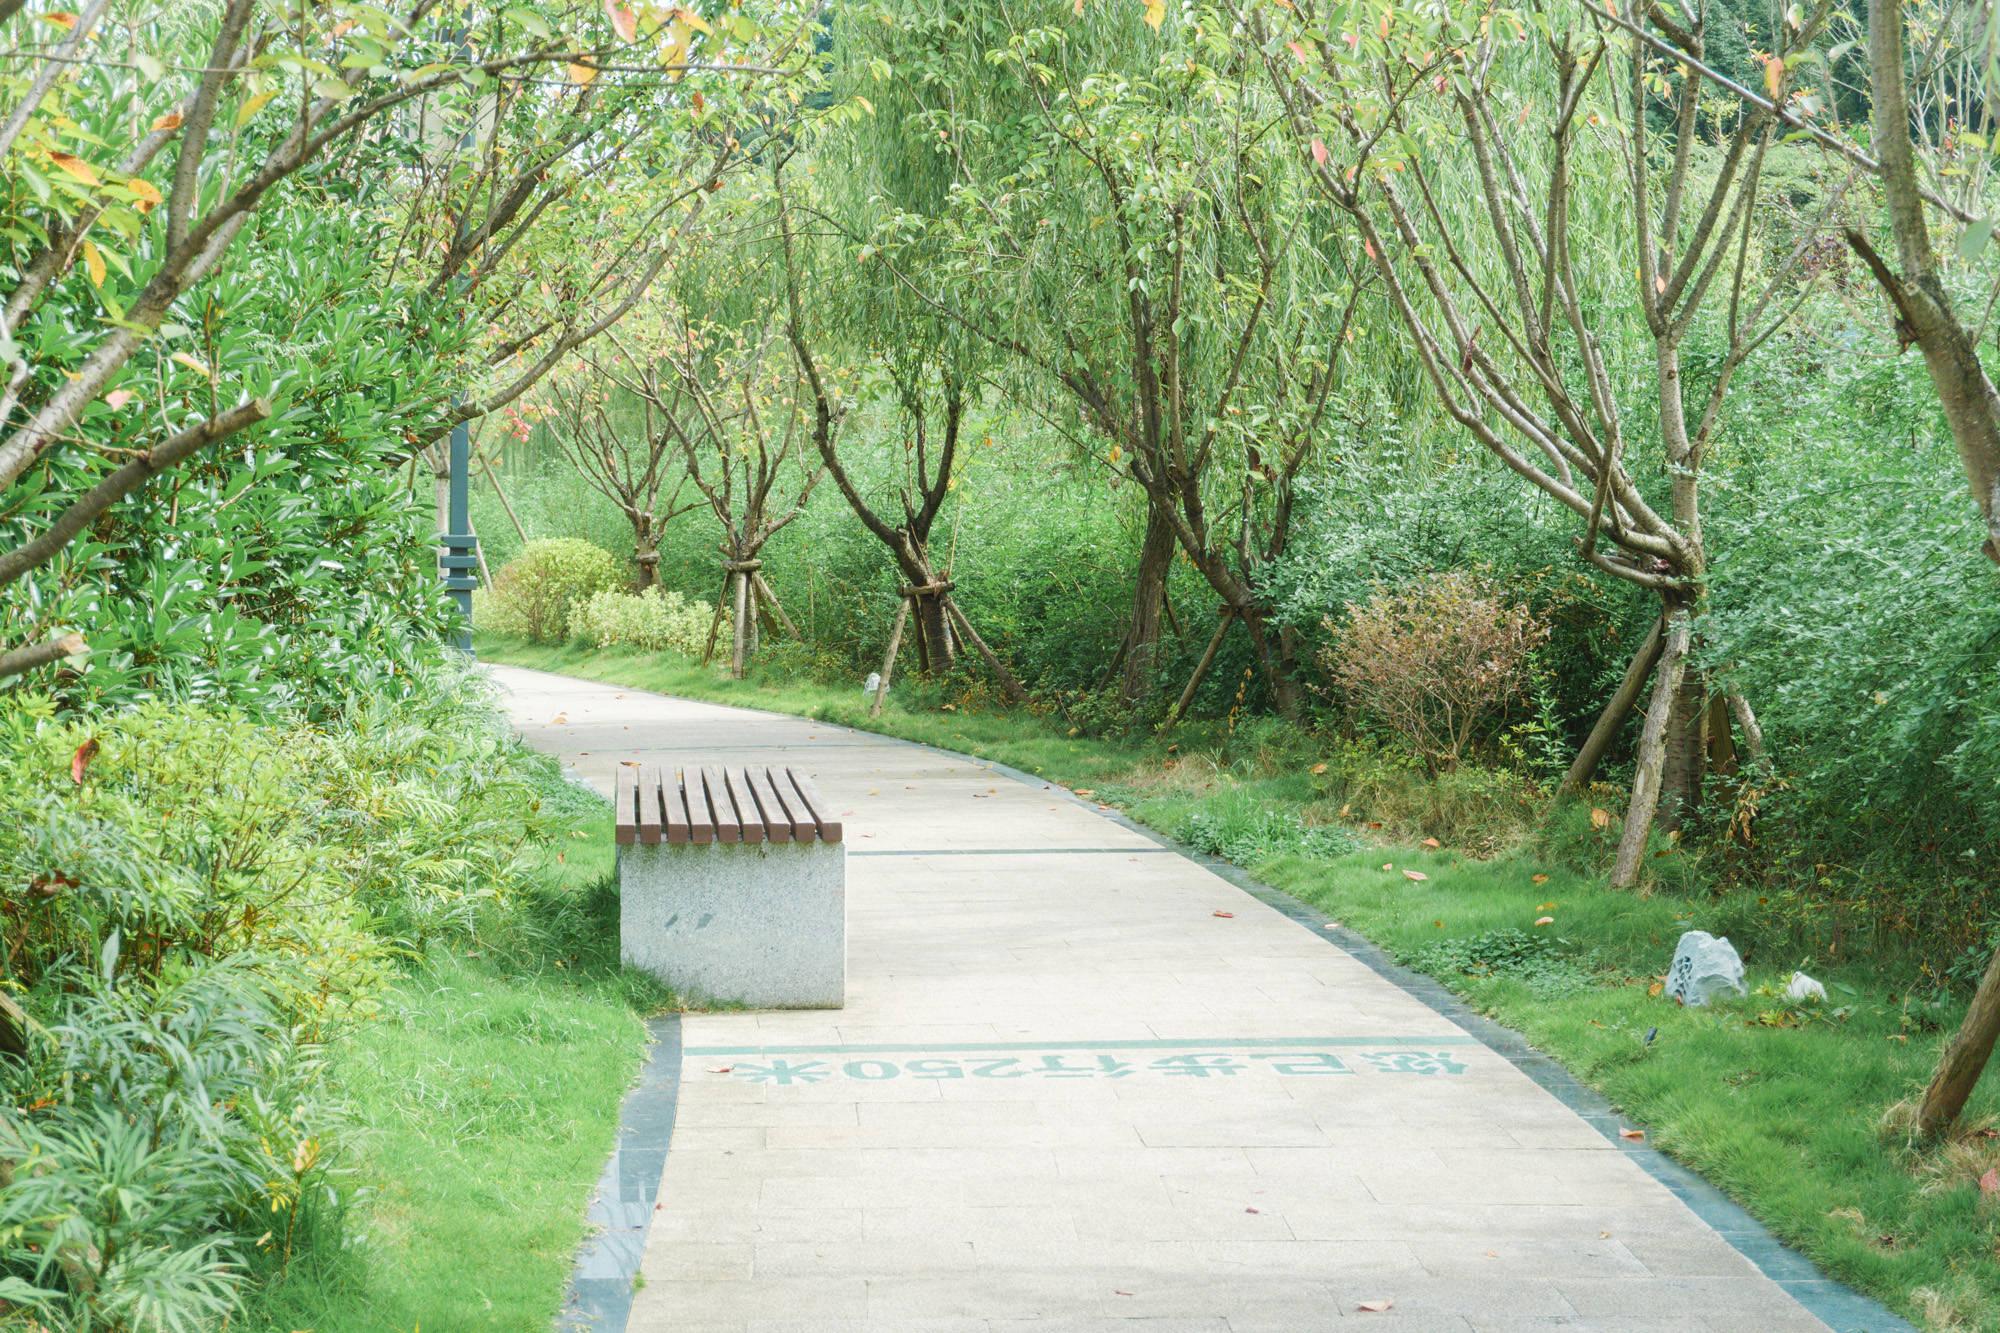 原创             贵阳乌当人闲时消遣、饭后消食的漫步公园,拥有园林式景观美如画